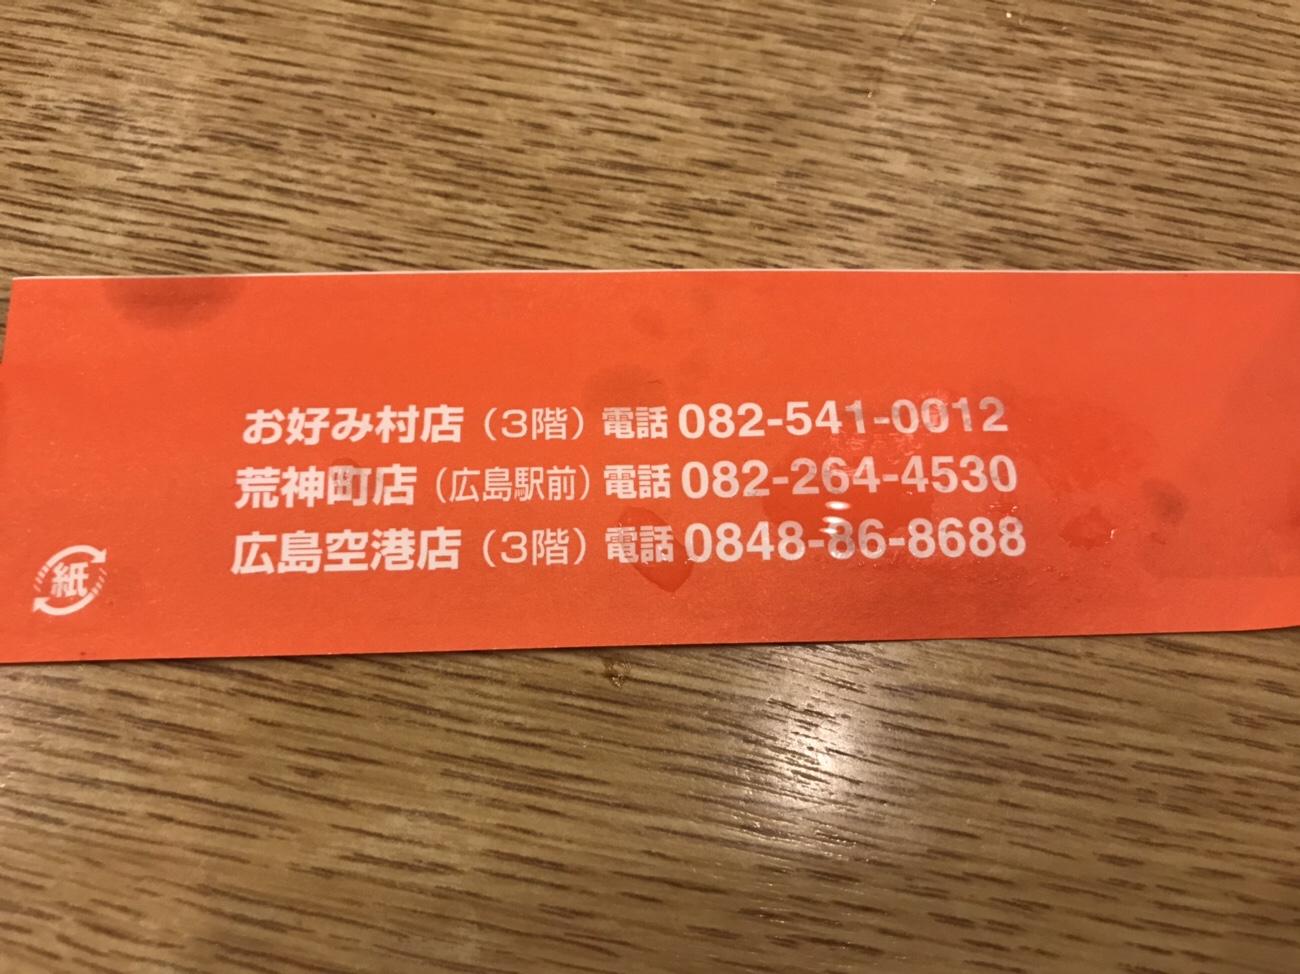 広島空港お好み焼き おすすめの店「てっ平」